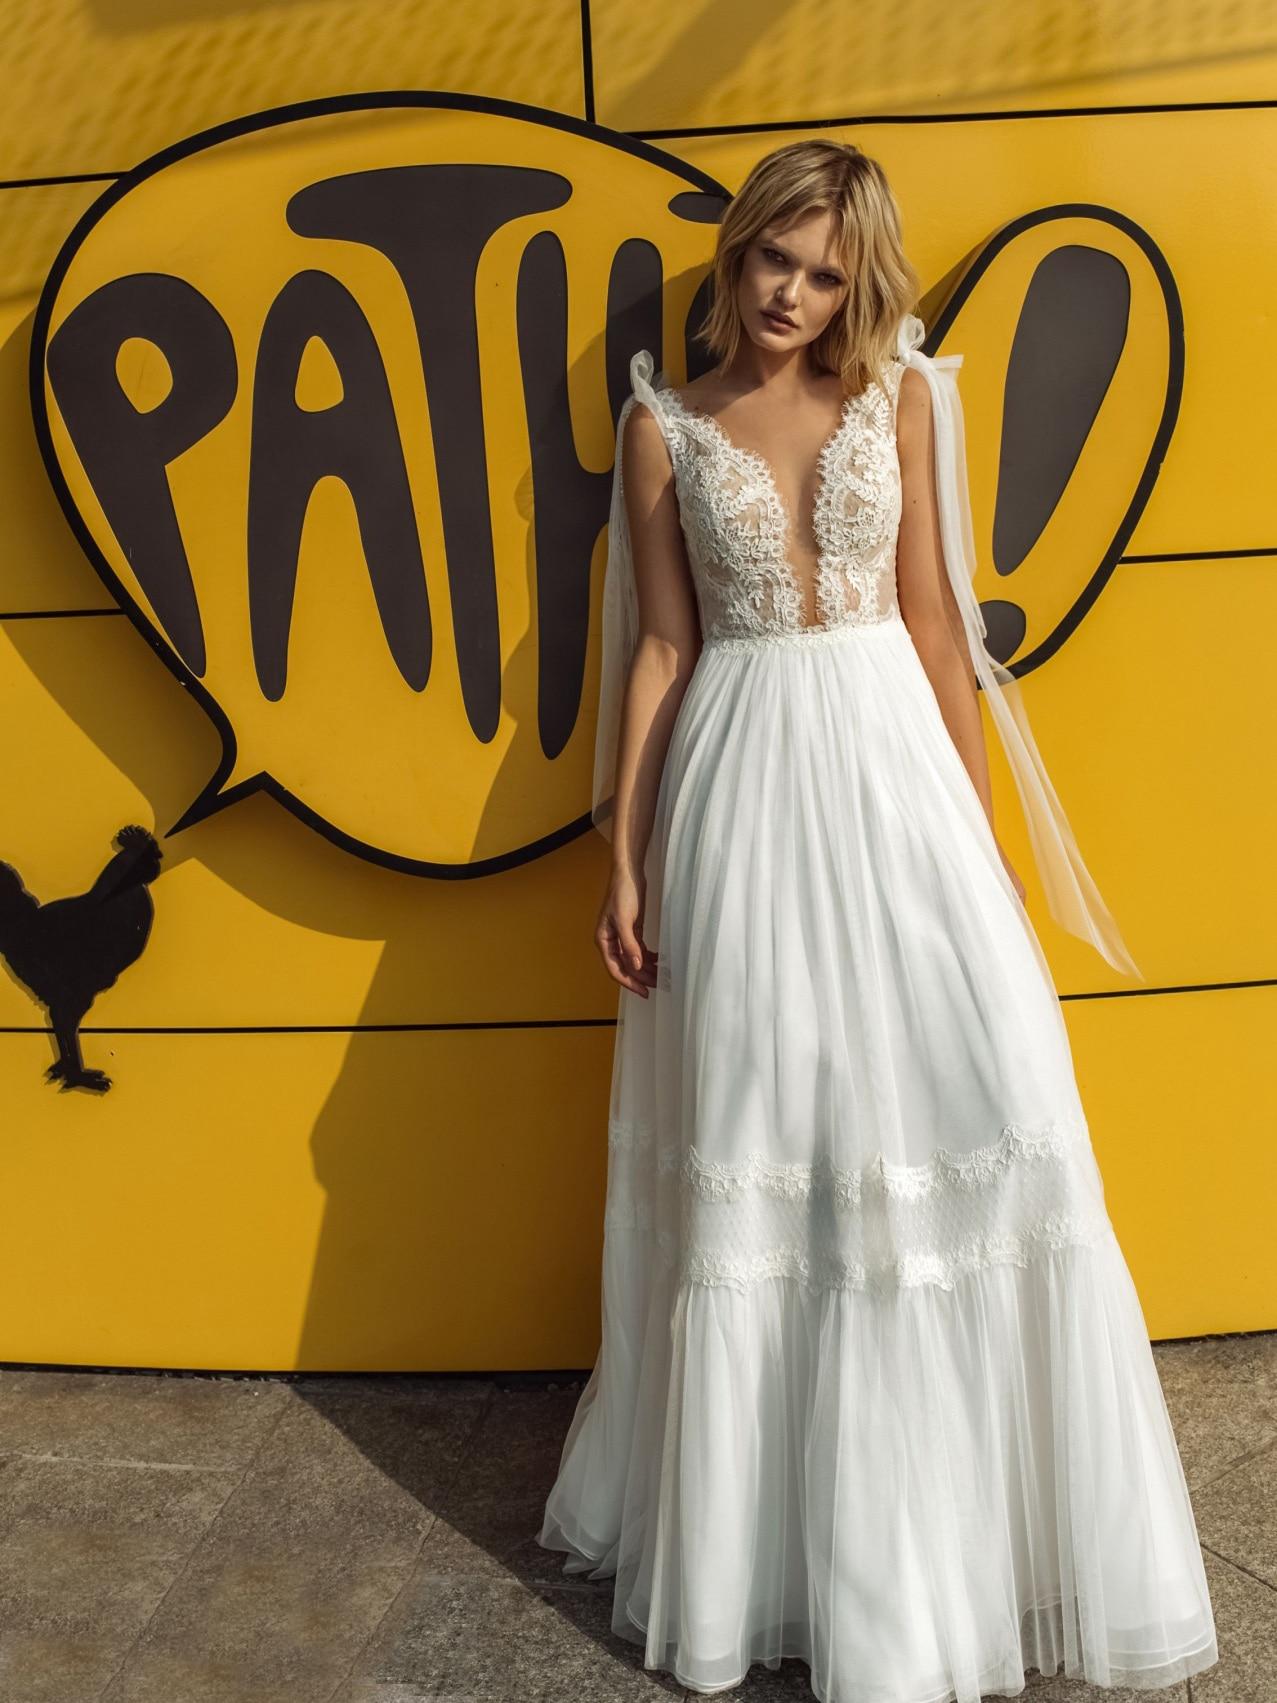 Plunging V Neck Wedding Bride Dress 2021 Appliqued A Line Tulle Bridal Gown Illusion Back Shoulder Cape Custom Made Plus Size